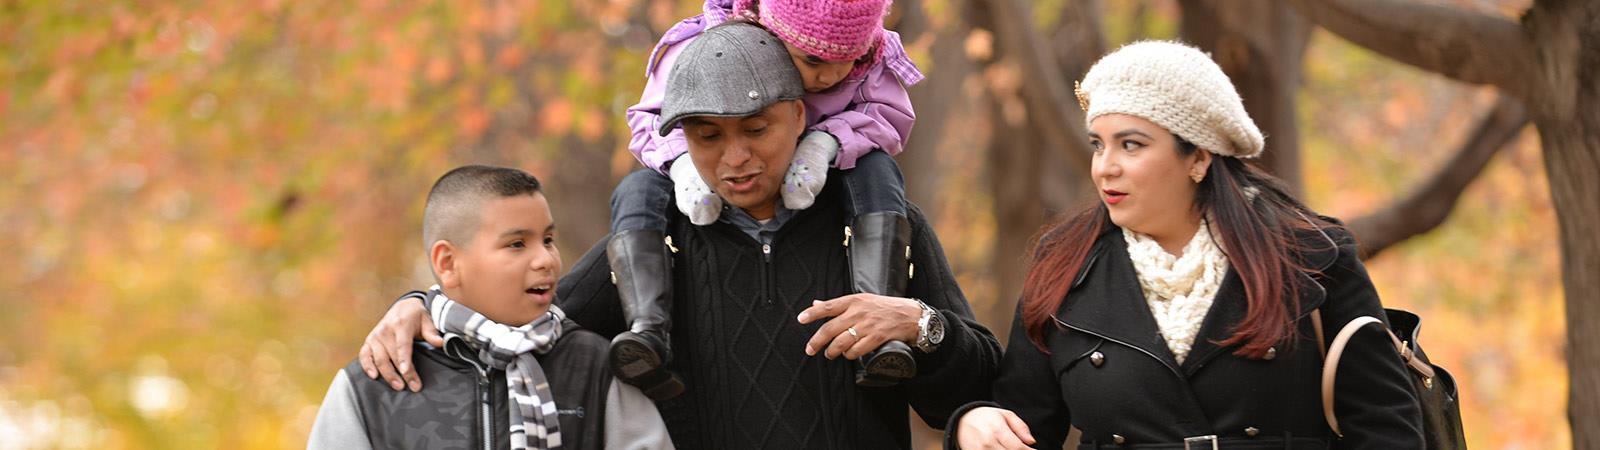 Familie im Park spazieren